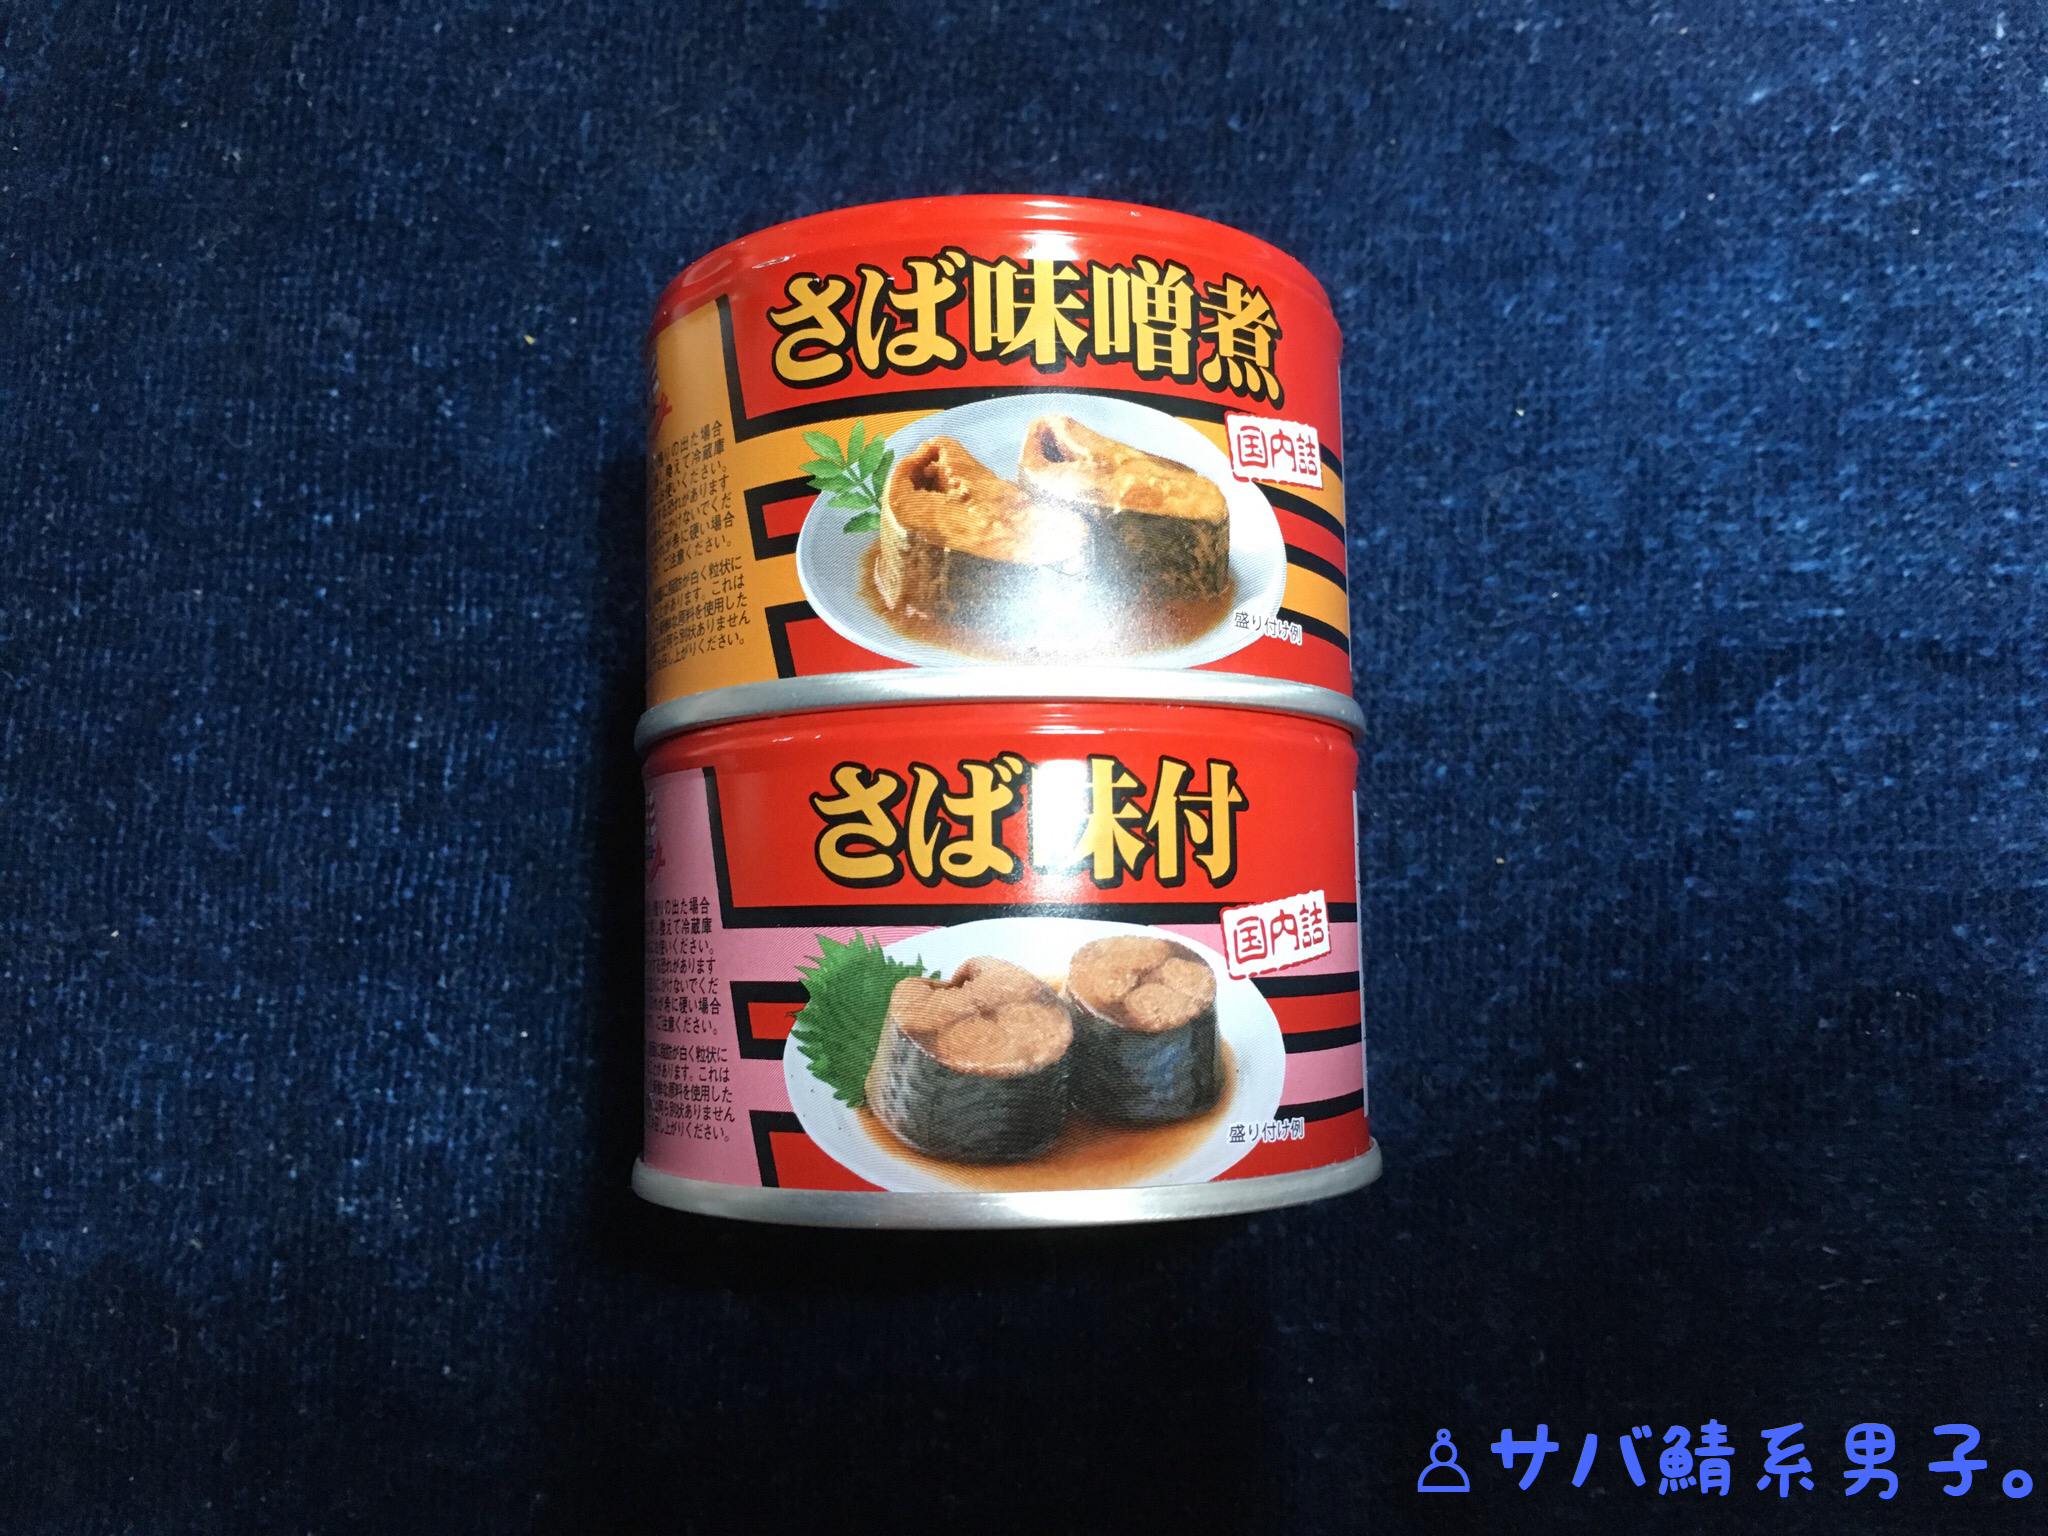 キョクヨーさば 味噌煮 味付